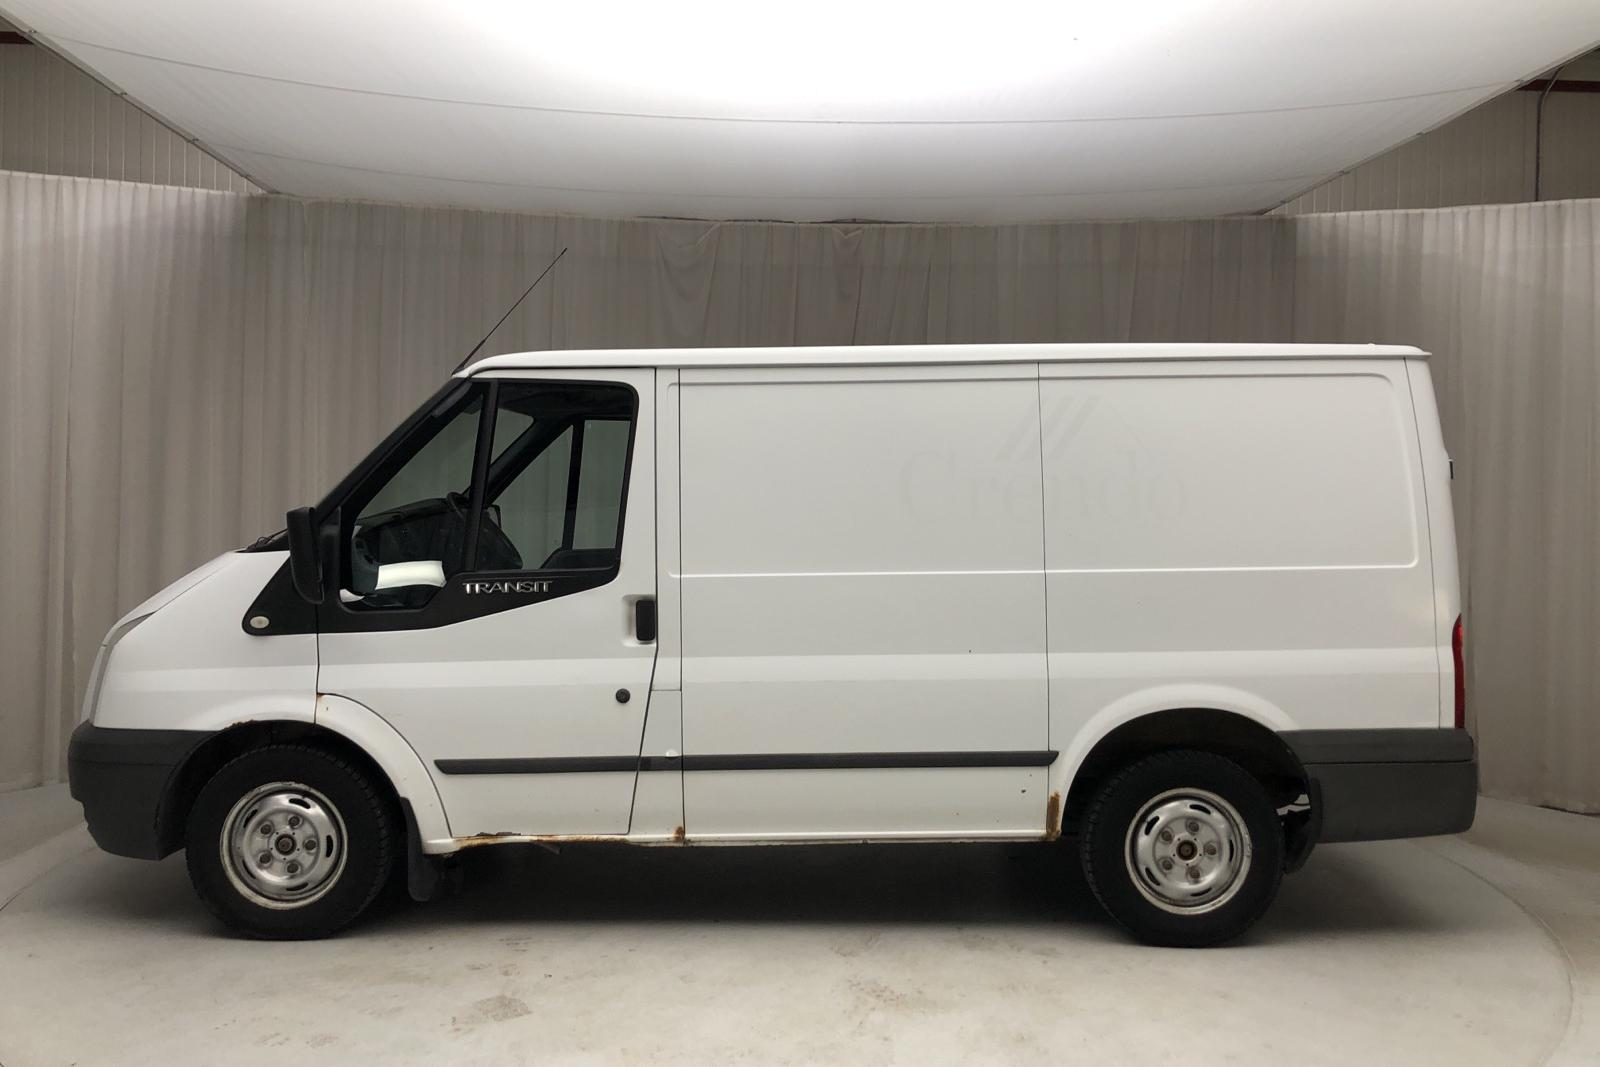 Ford Transit 260 2.2 TDCi Skåp (100hk) - 0 mil - Manuell - vit - 2012